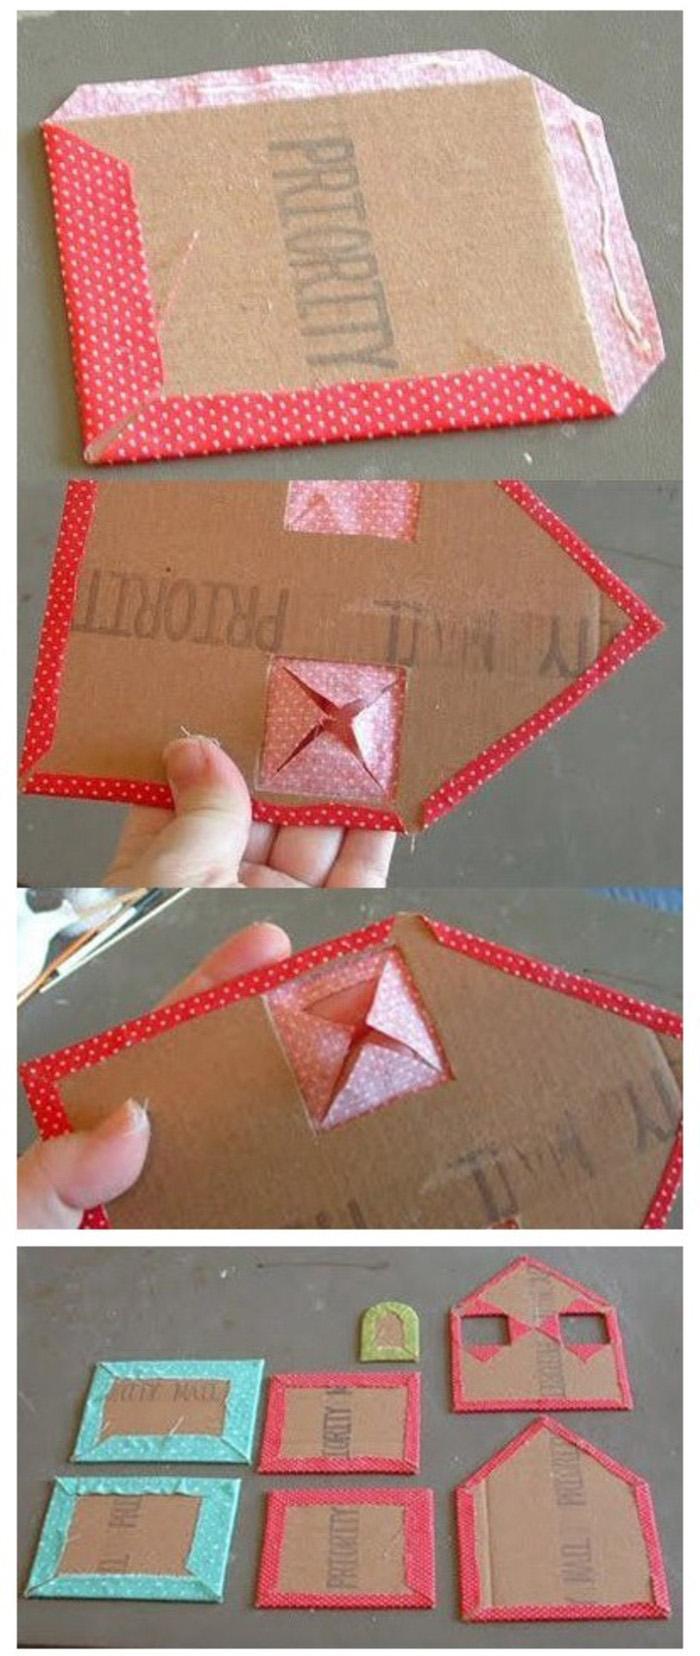 硬纸板布料手工制作储藏盒教程图解